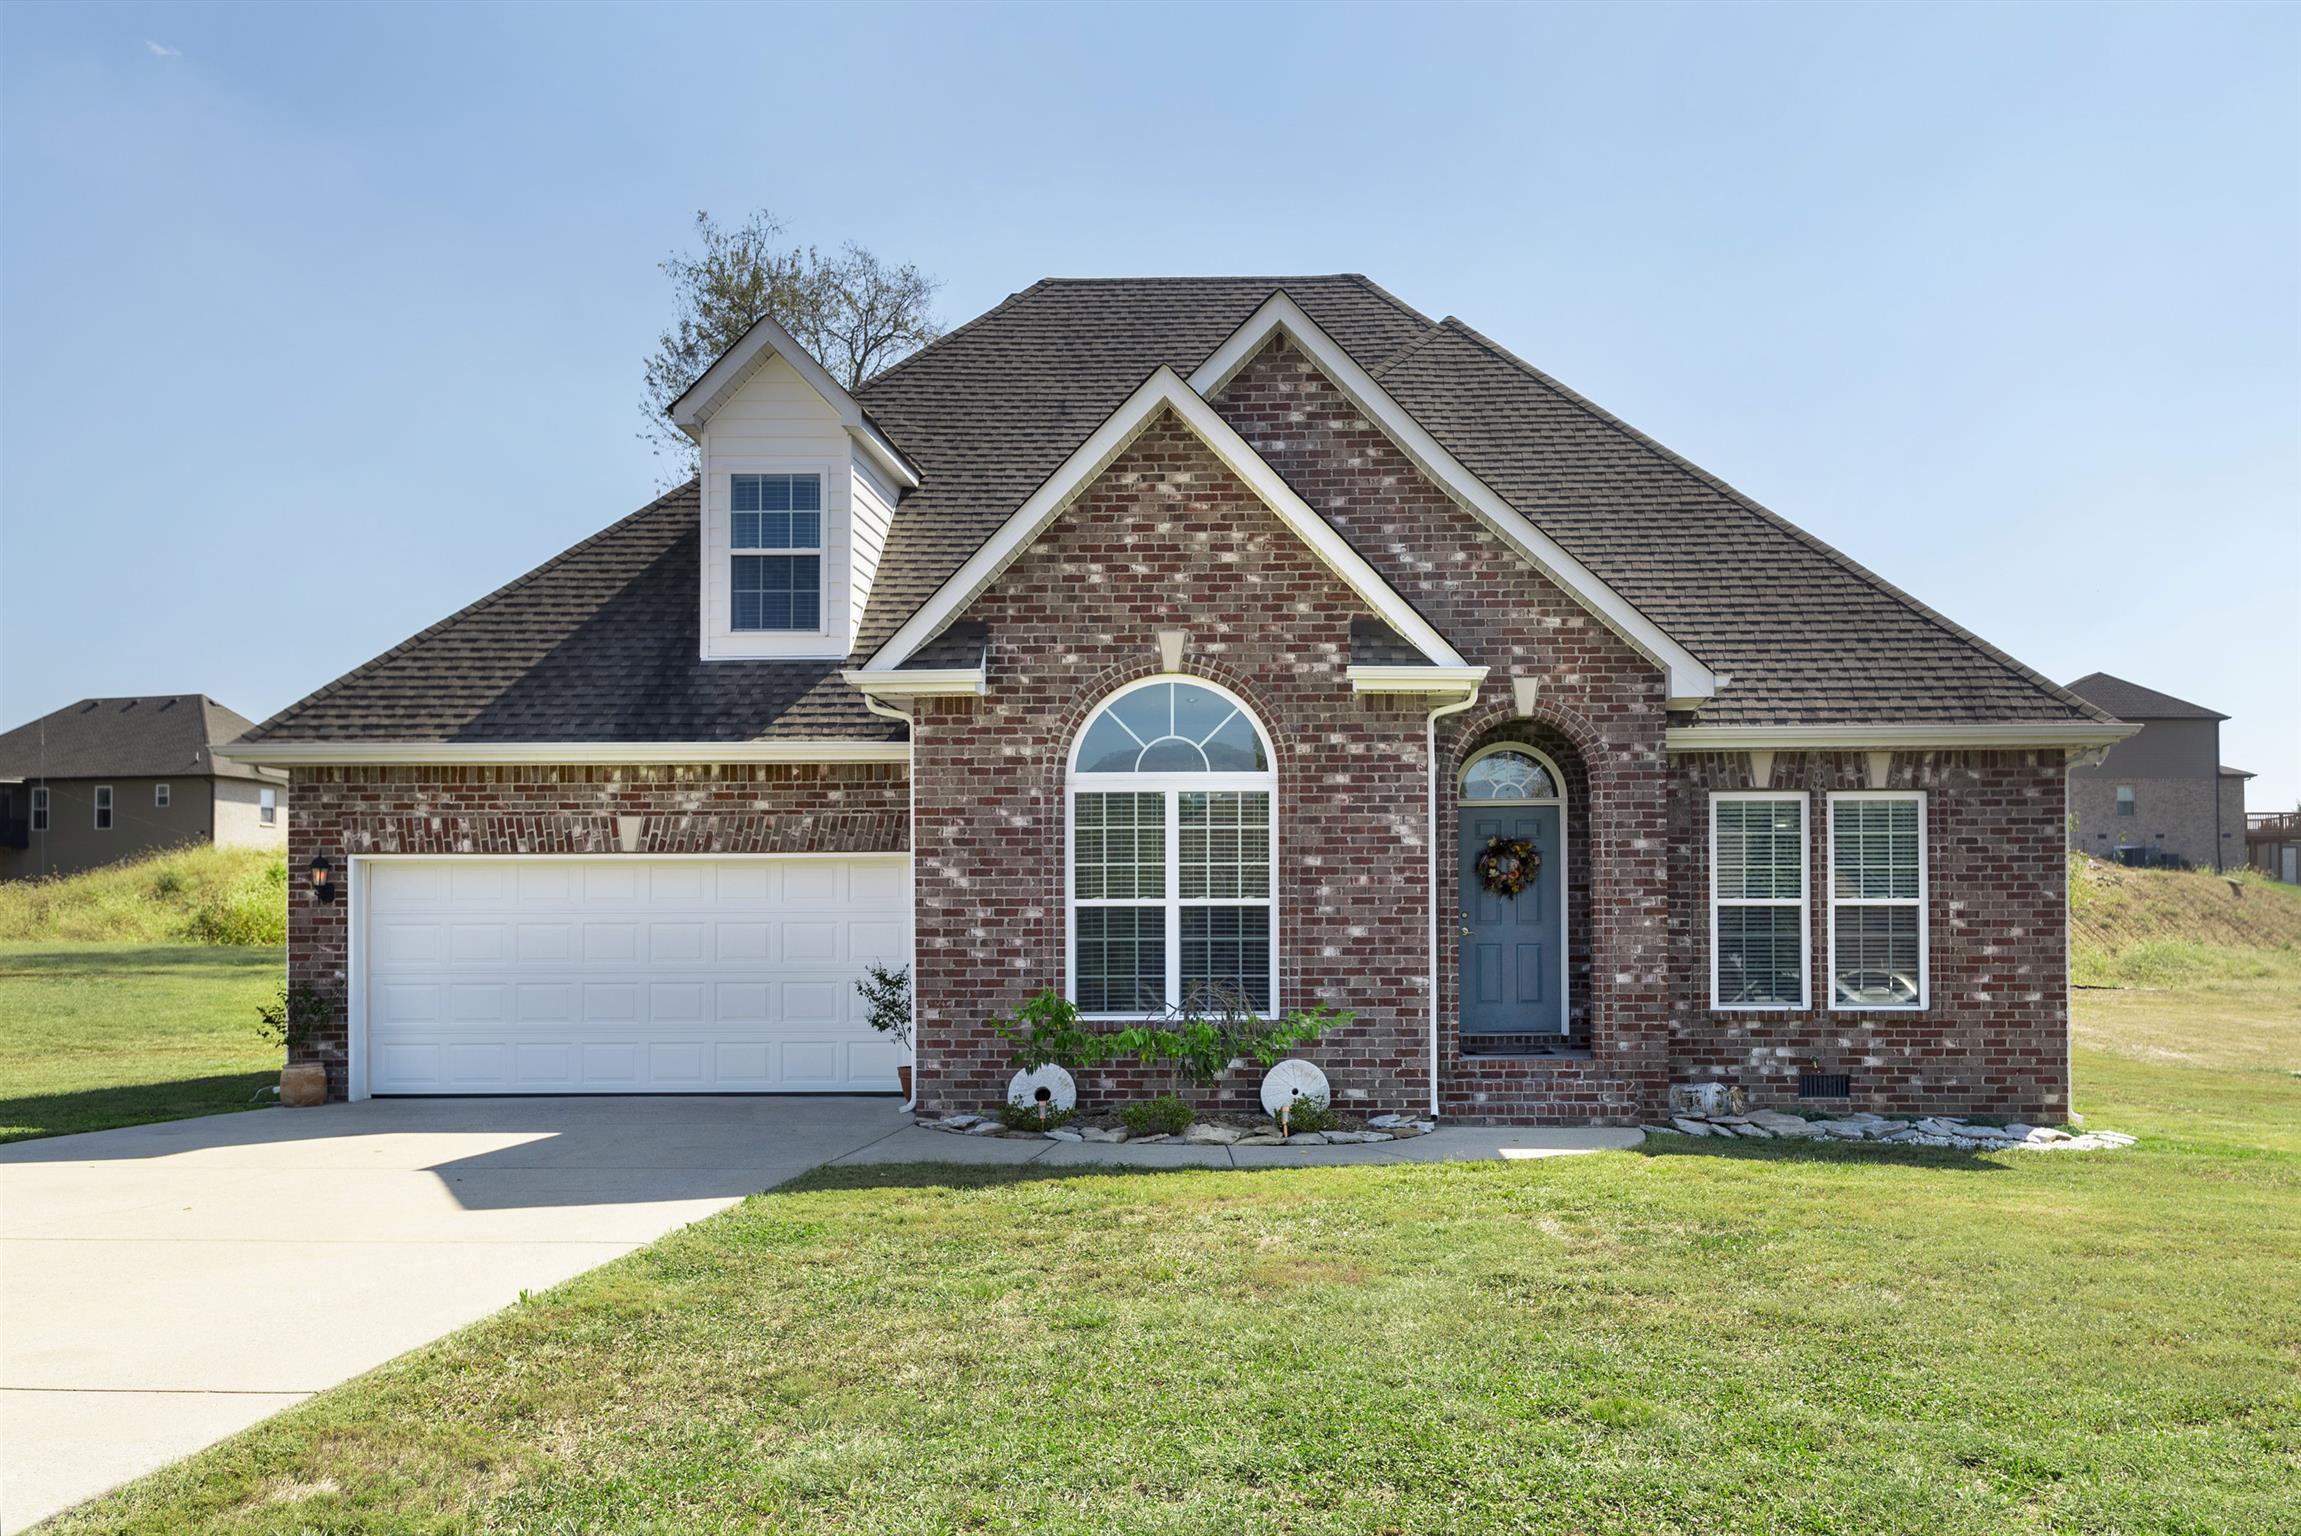 145 Auburn Hills Dr, Woodbury, TN 37190 - Woodbury, TN real estate listing